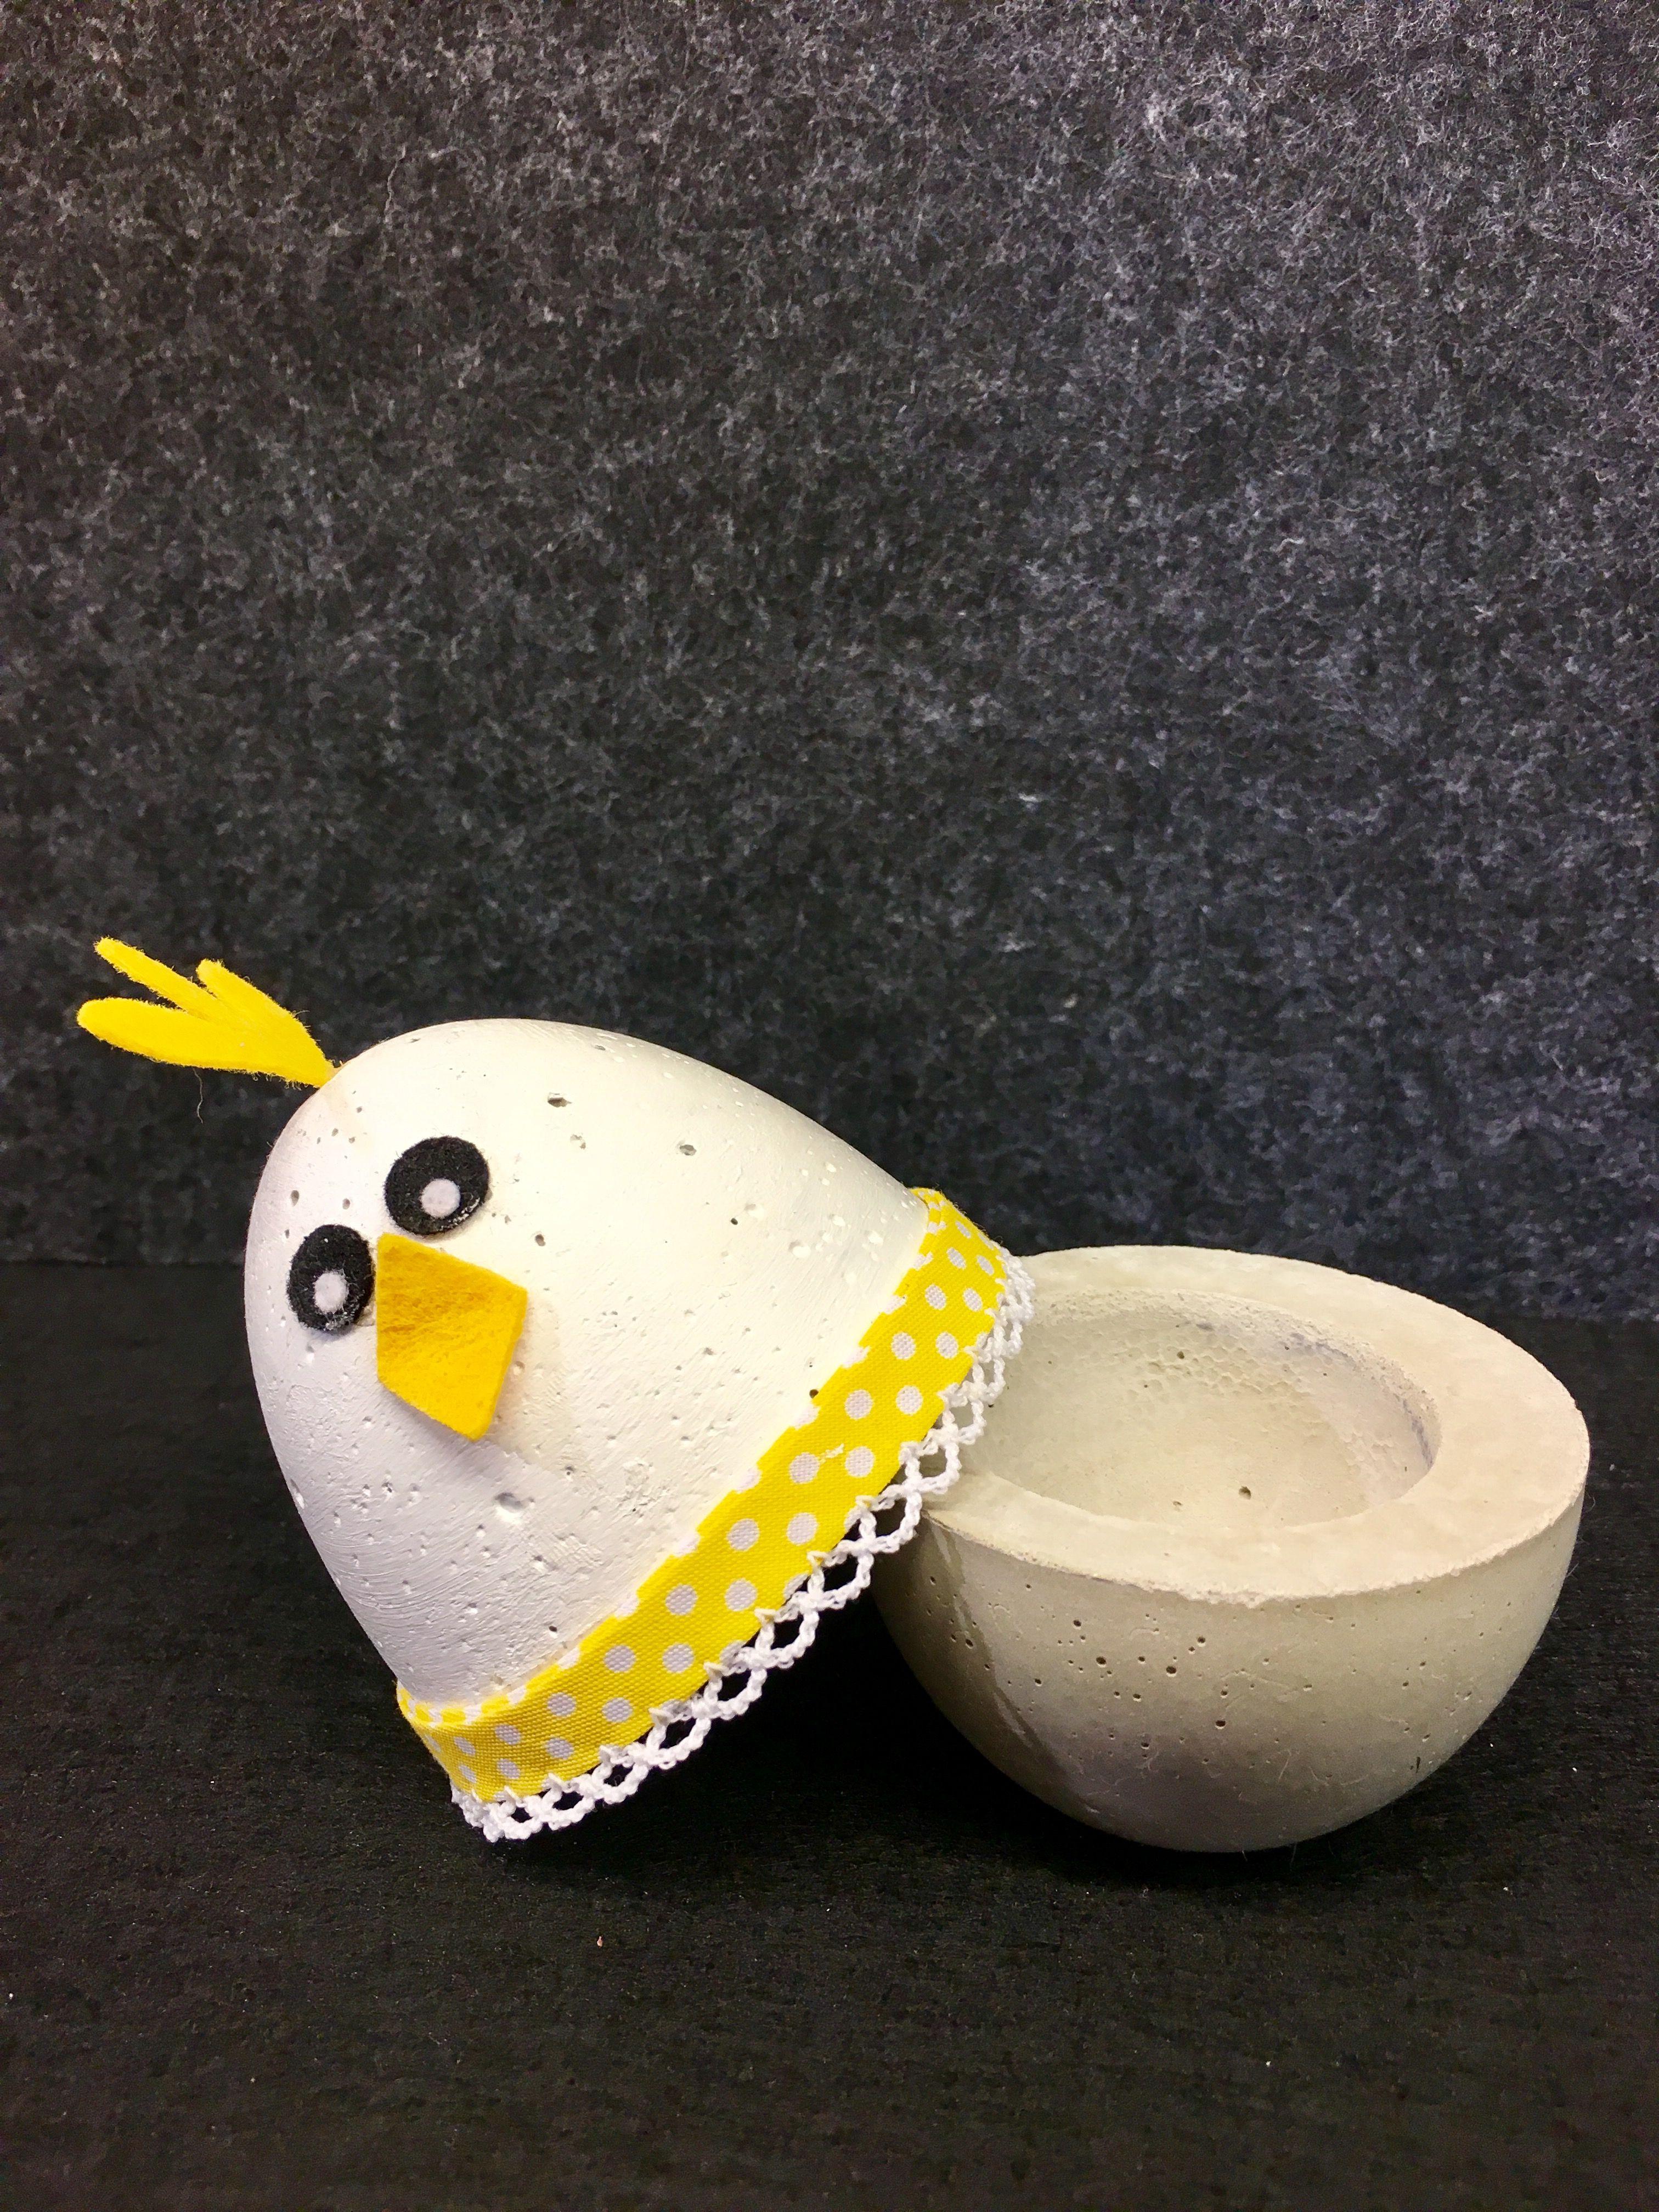 Eierbecher Beton betonhuhn als eierbecher diy eierbecher beton huhn ei diy